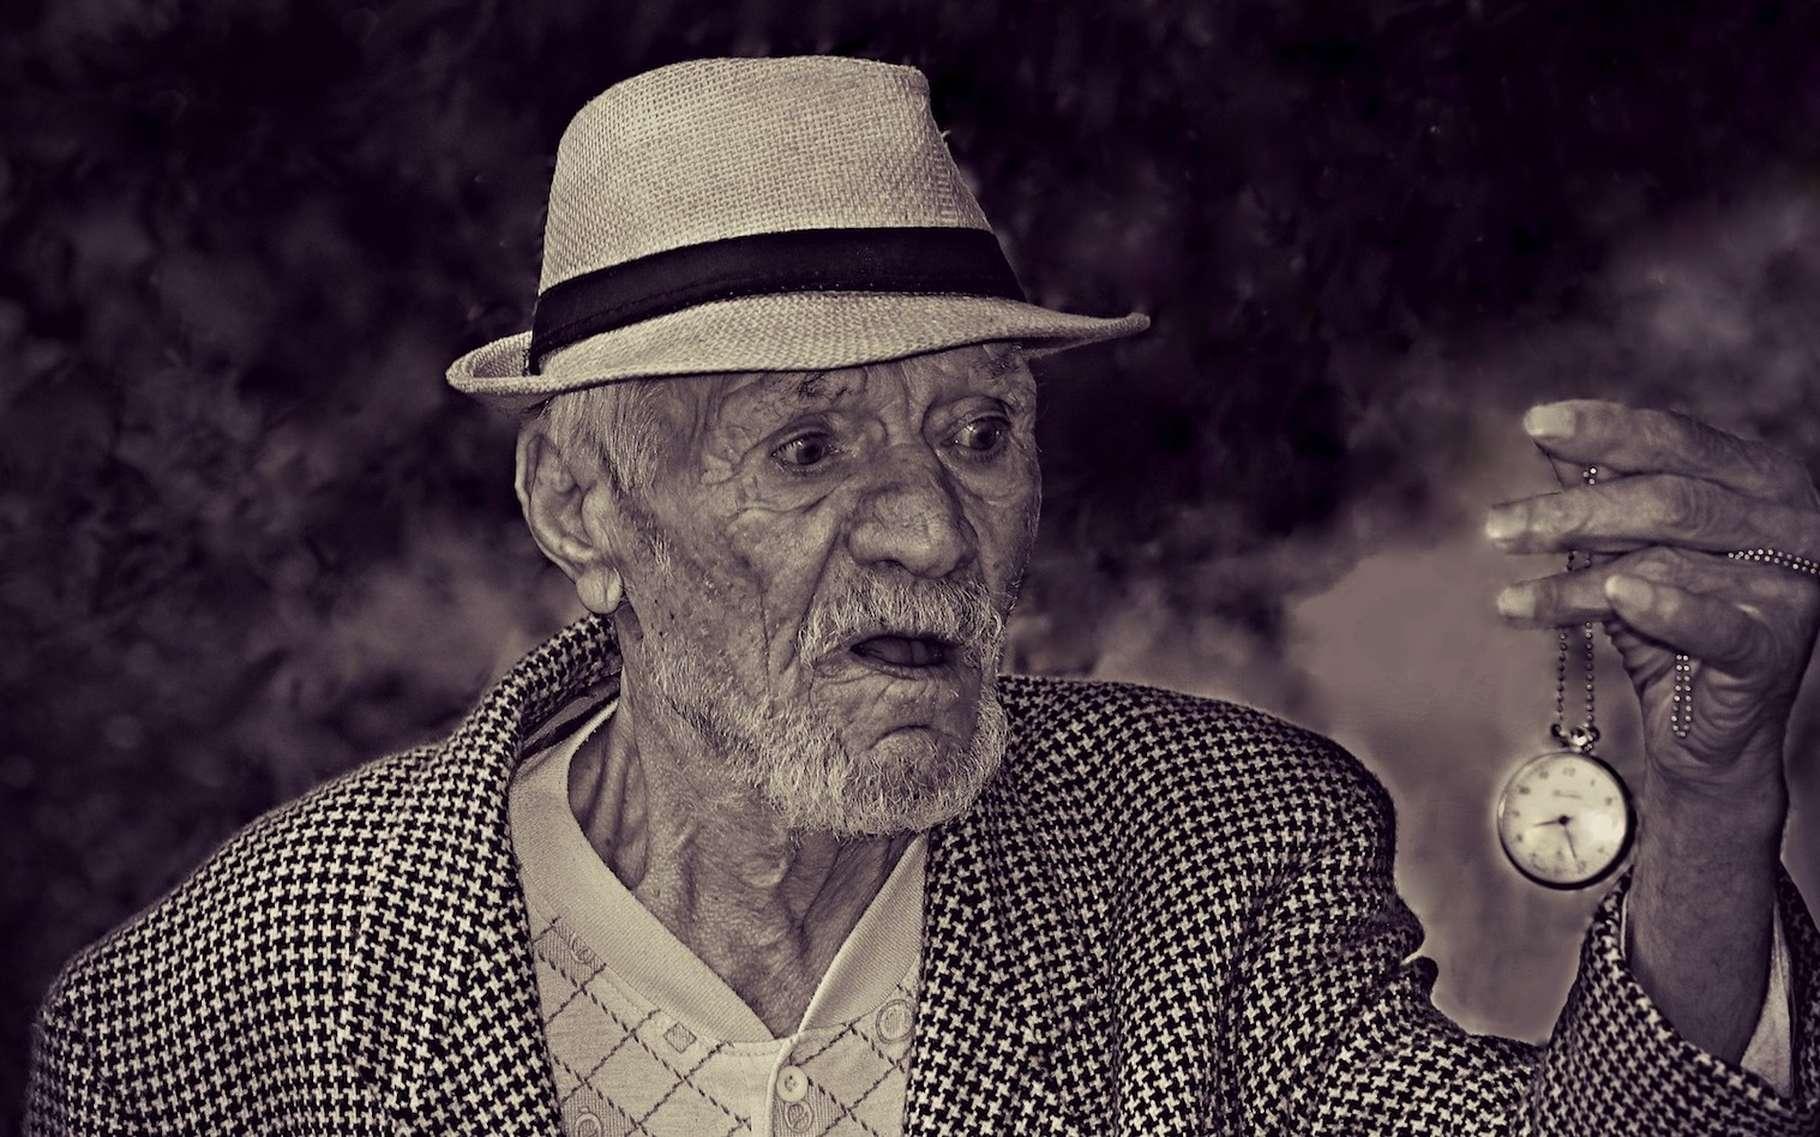 Selon une étude américaine, notre vieillissement serait commandé par des microARN libérés par des cellules souches présentes dans notre hypothalamus. © AdinaVoicu, Pixabay, DP